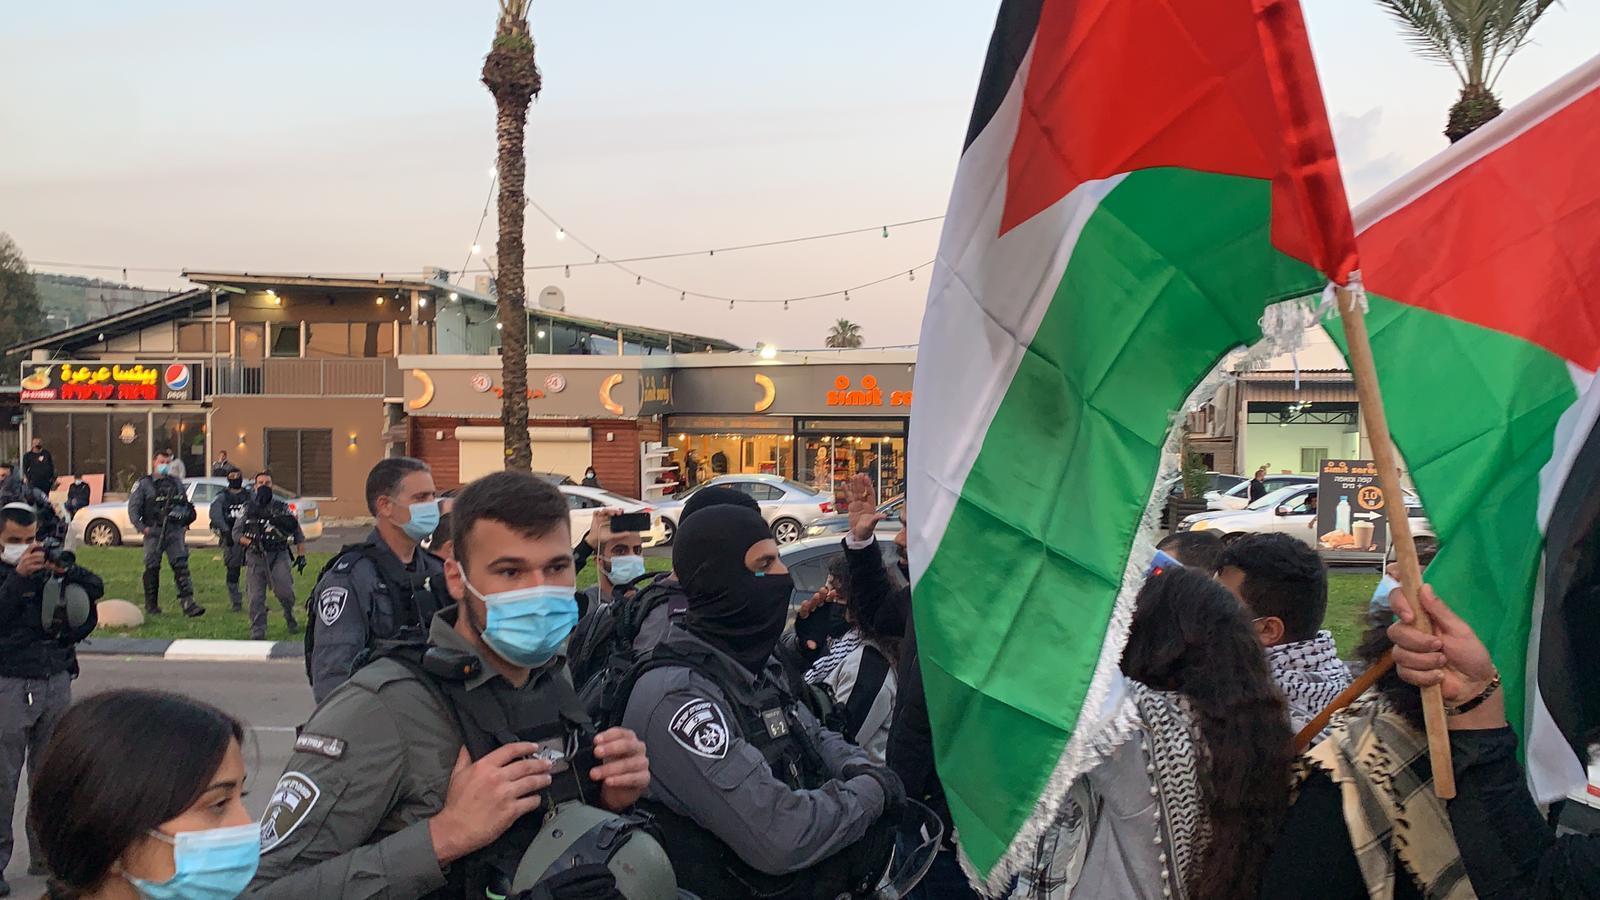 اعتقال 3 قاصرين: الشرطة تعتدي على متظاهرين ضد الجريمة في عرعرة